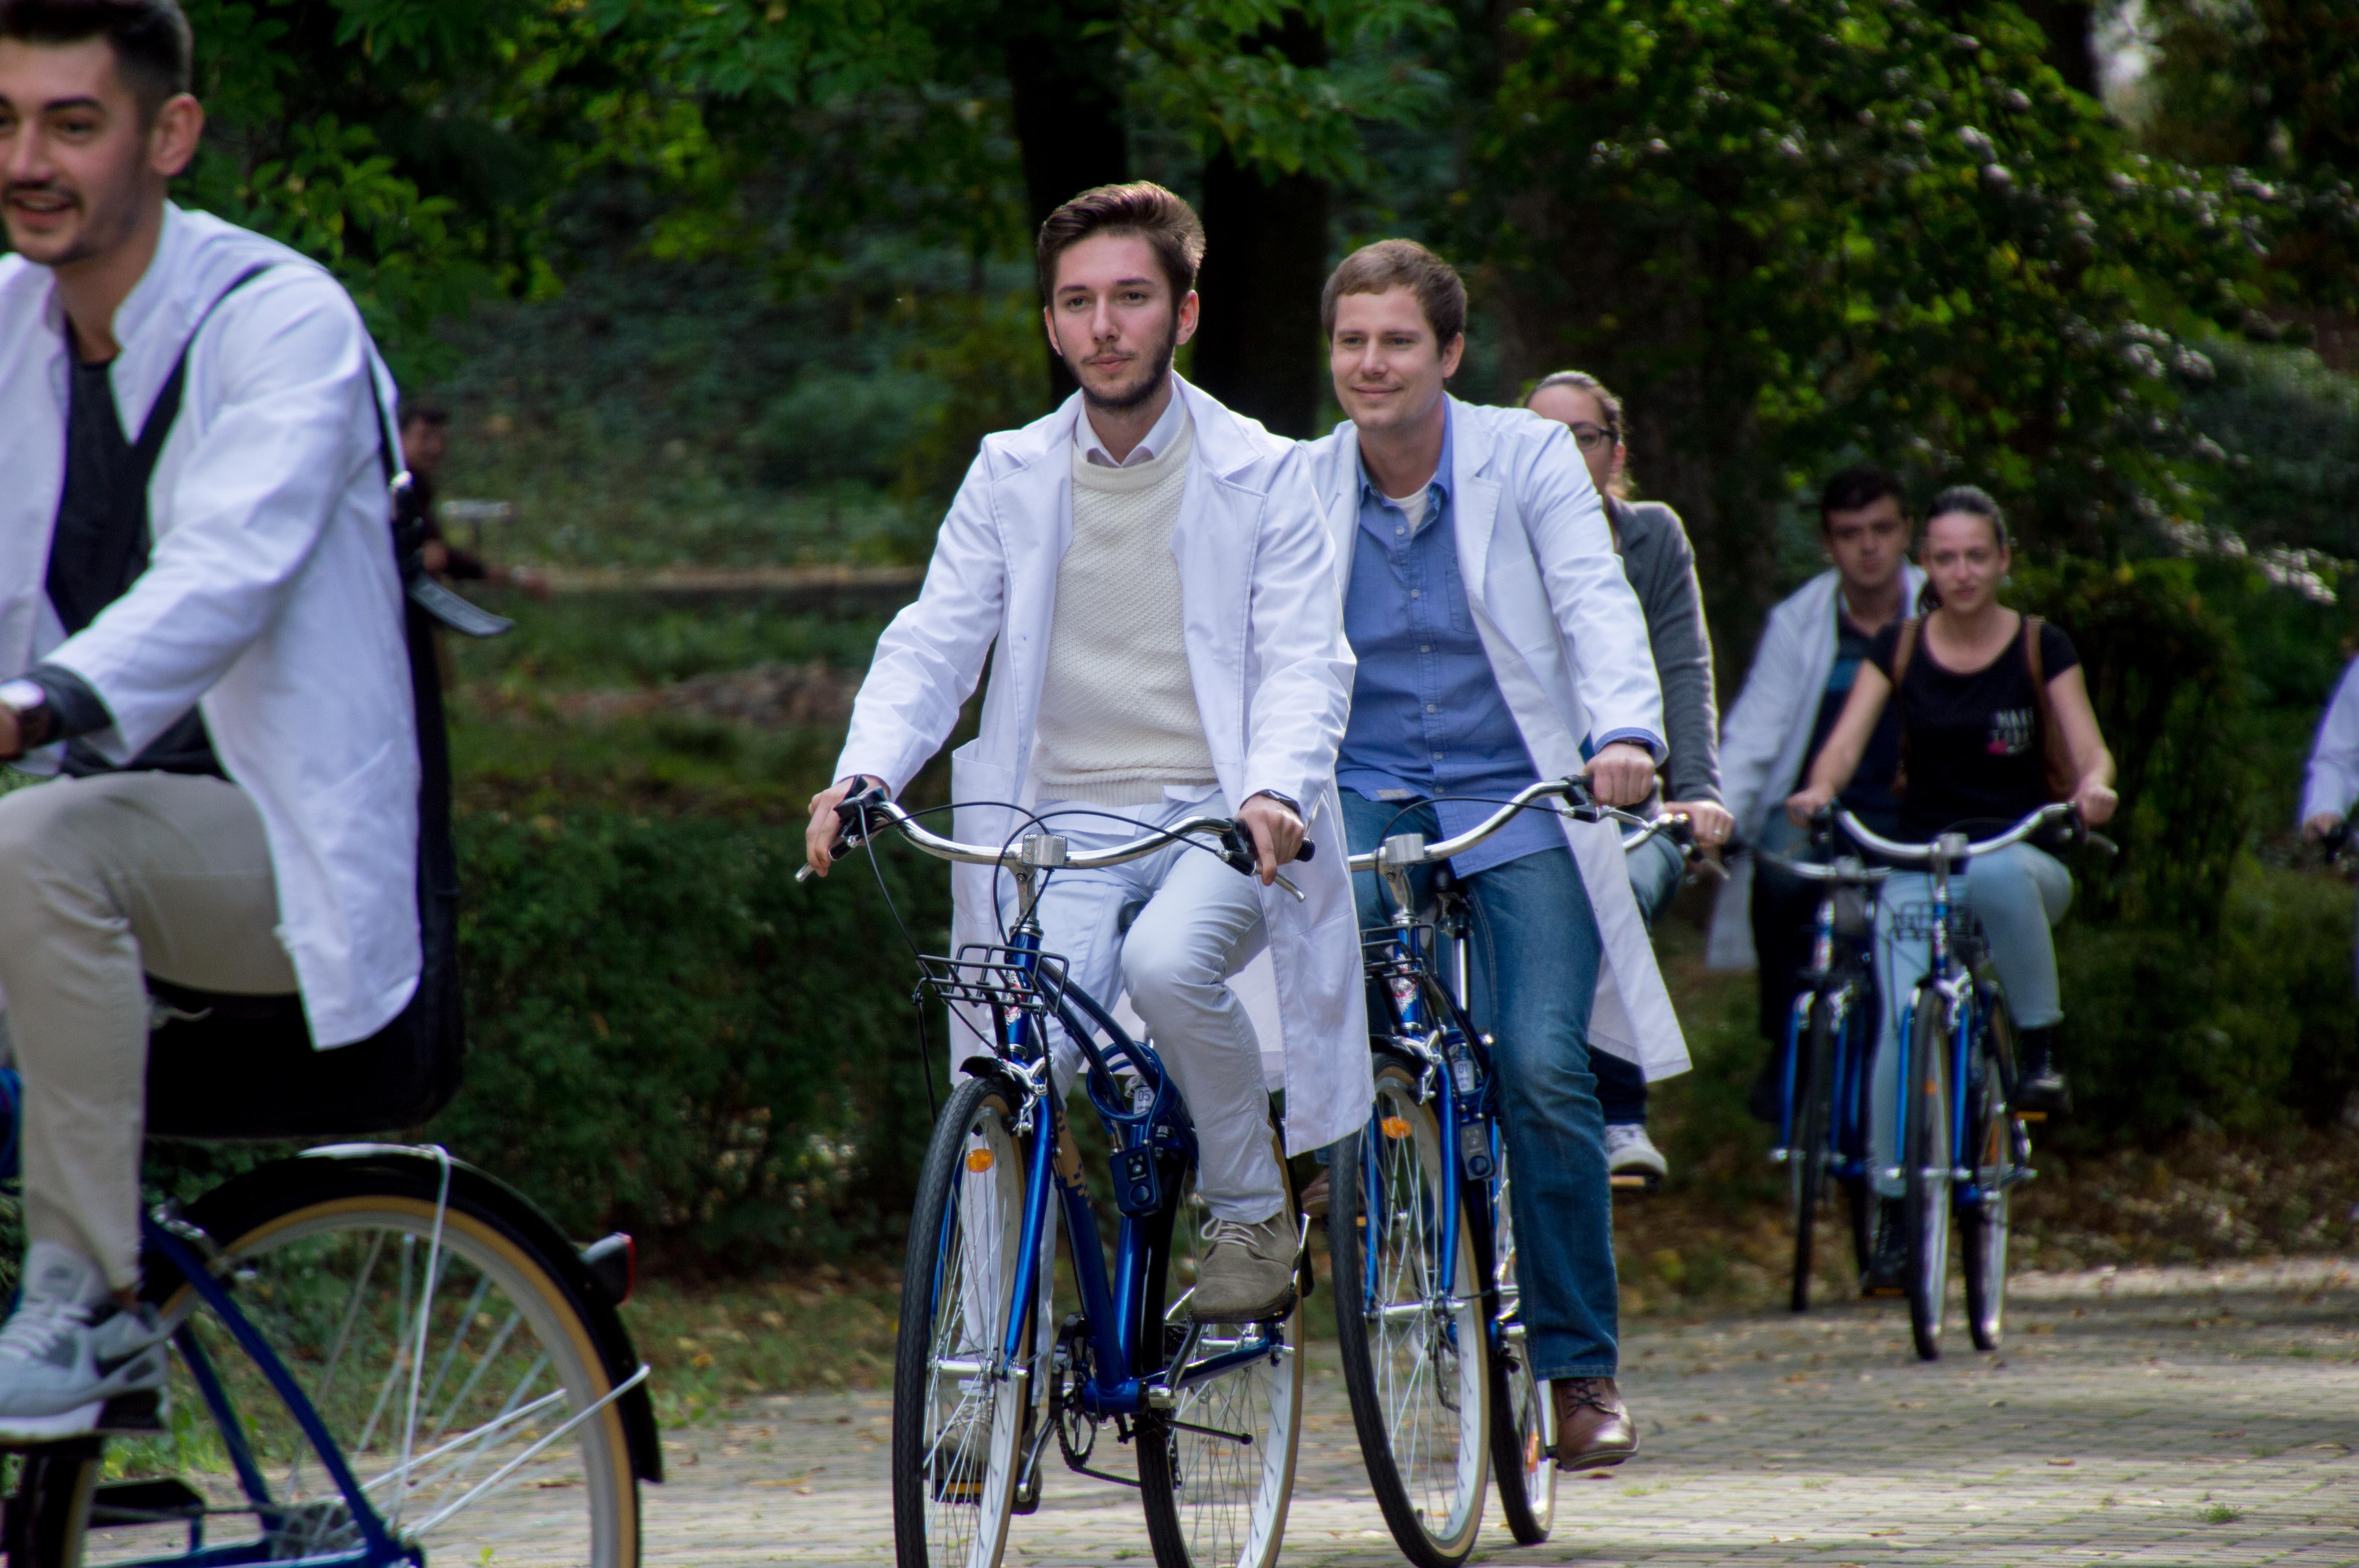 UMF Student Bike, primul proiect de bike-sharing pentru studenți din România